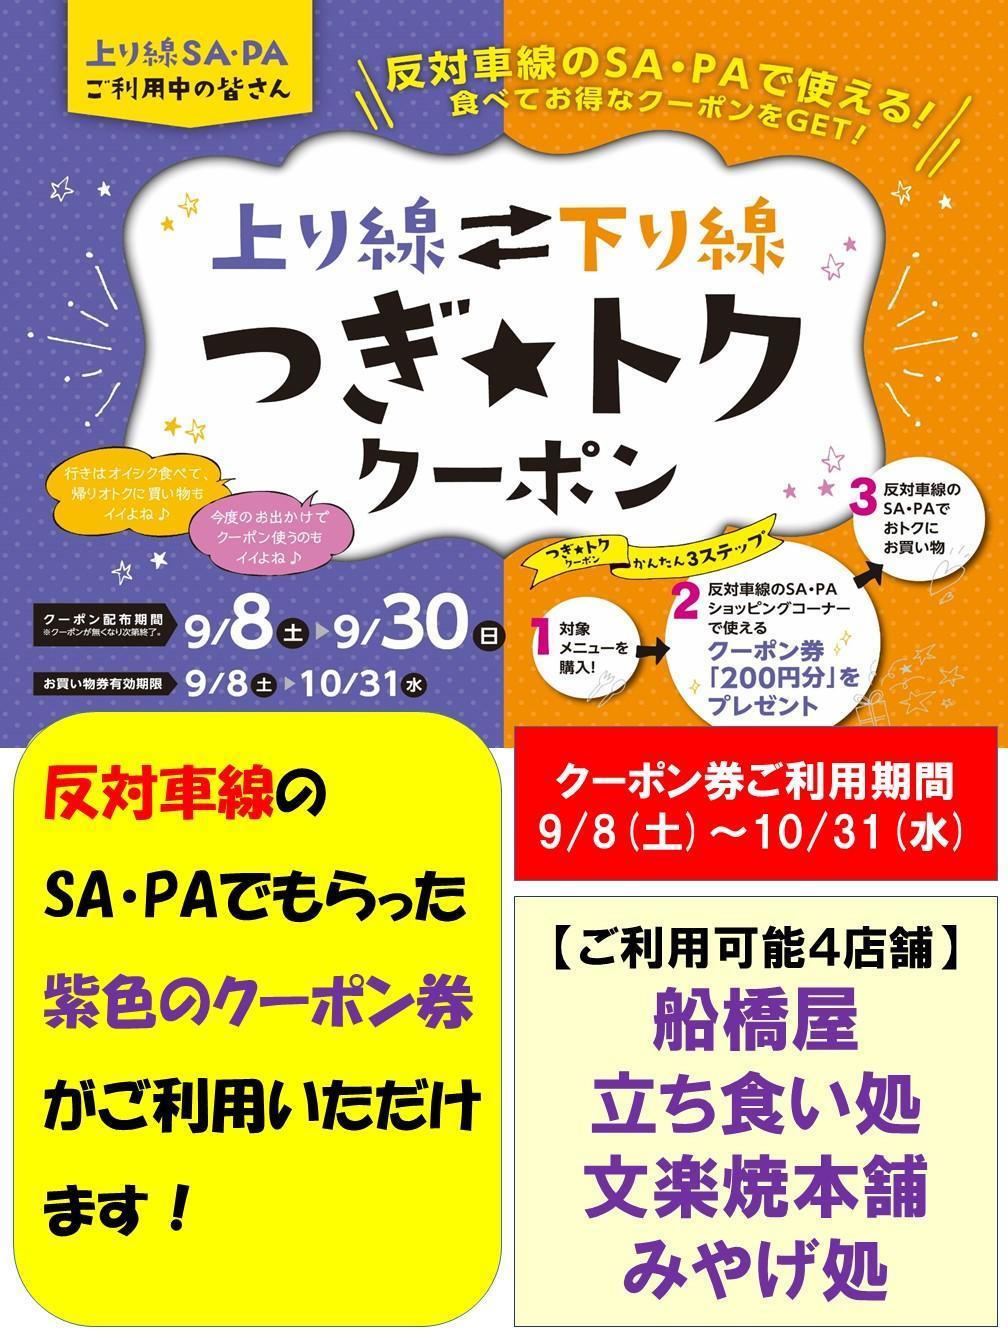 3 つぎ☆トク クーポンキャンペーンHP用.jpg